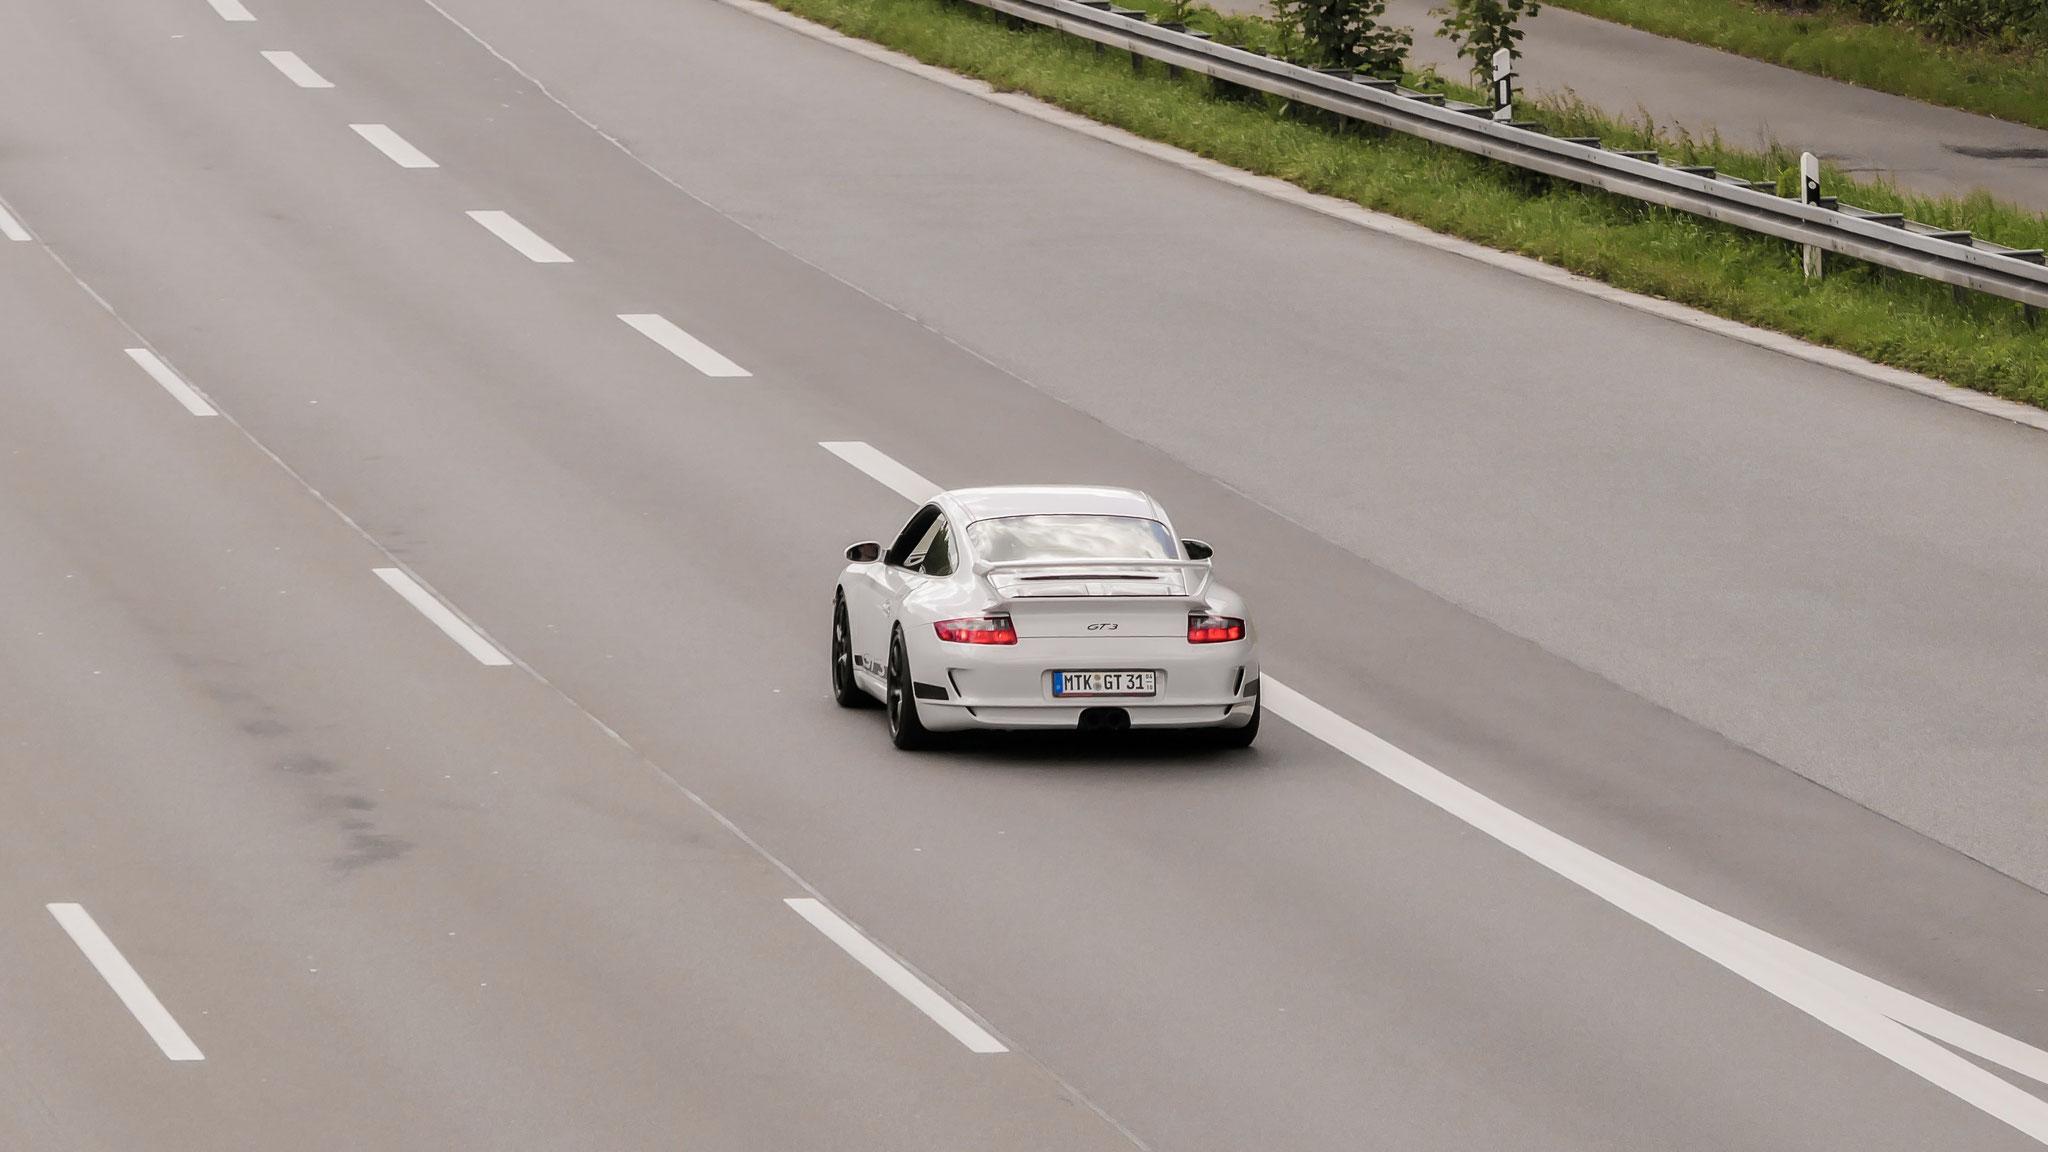 Porsche GT3 997 - MTK-GT-31